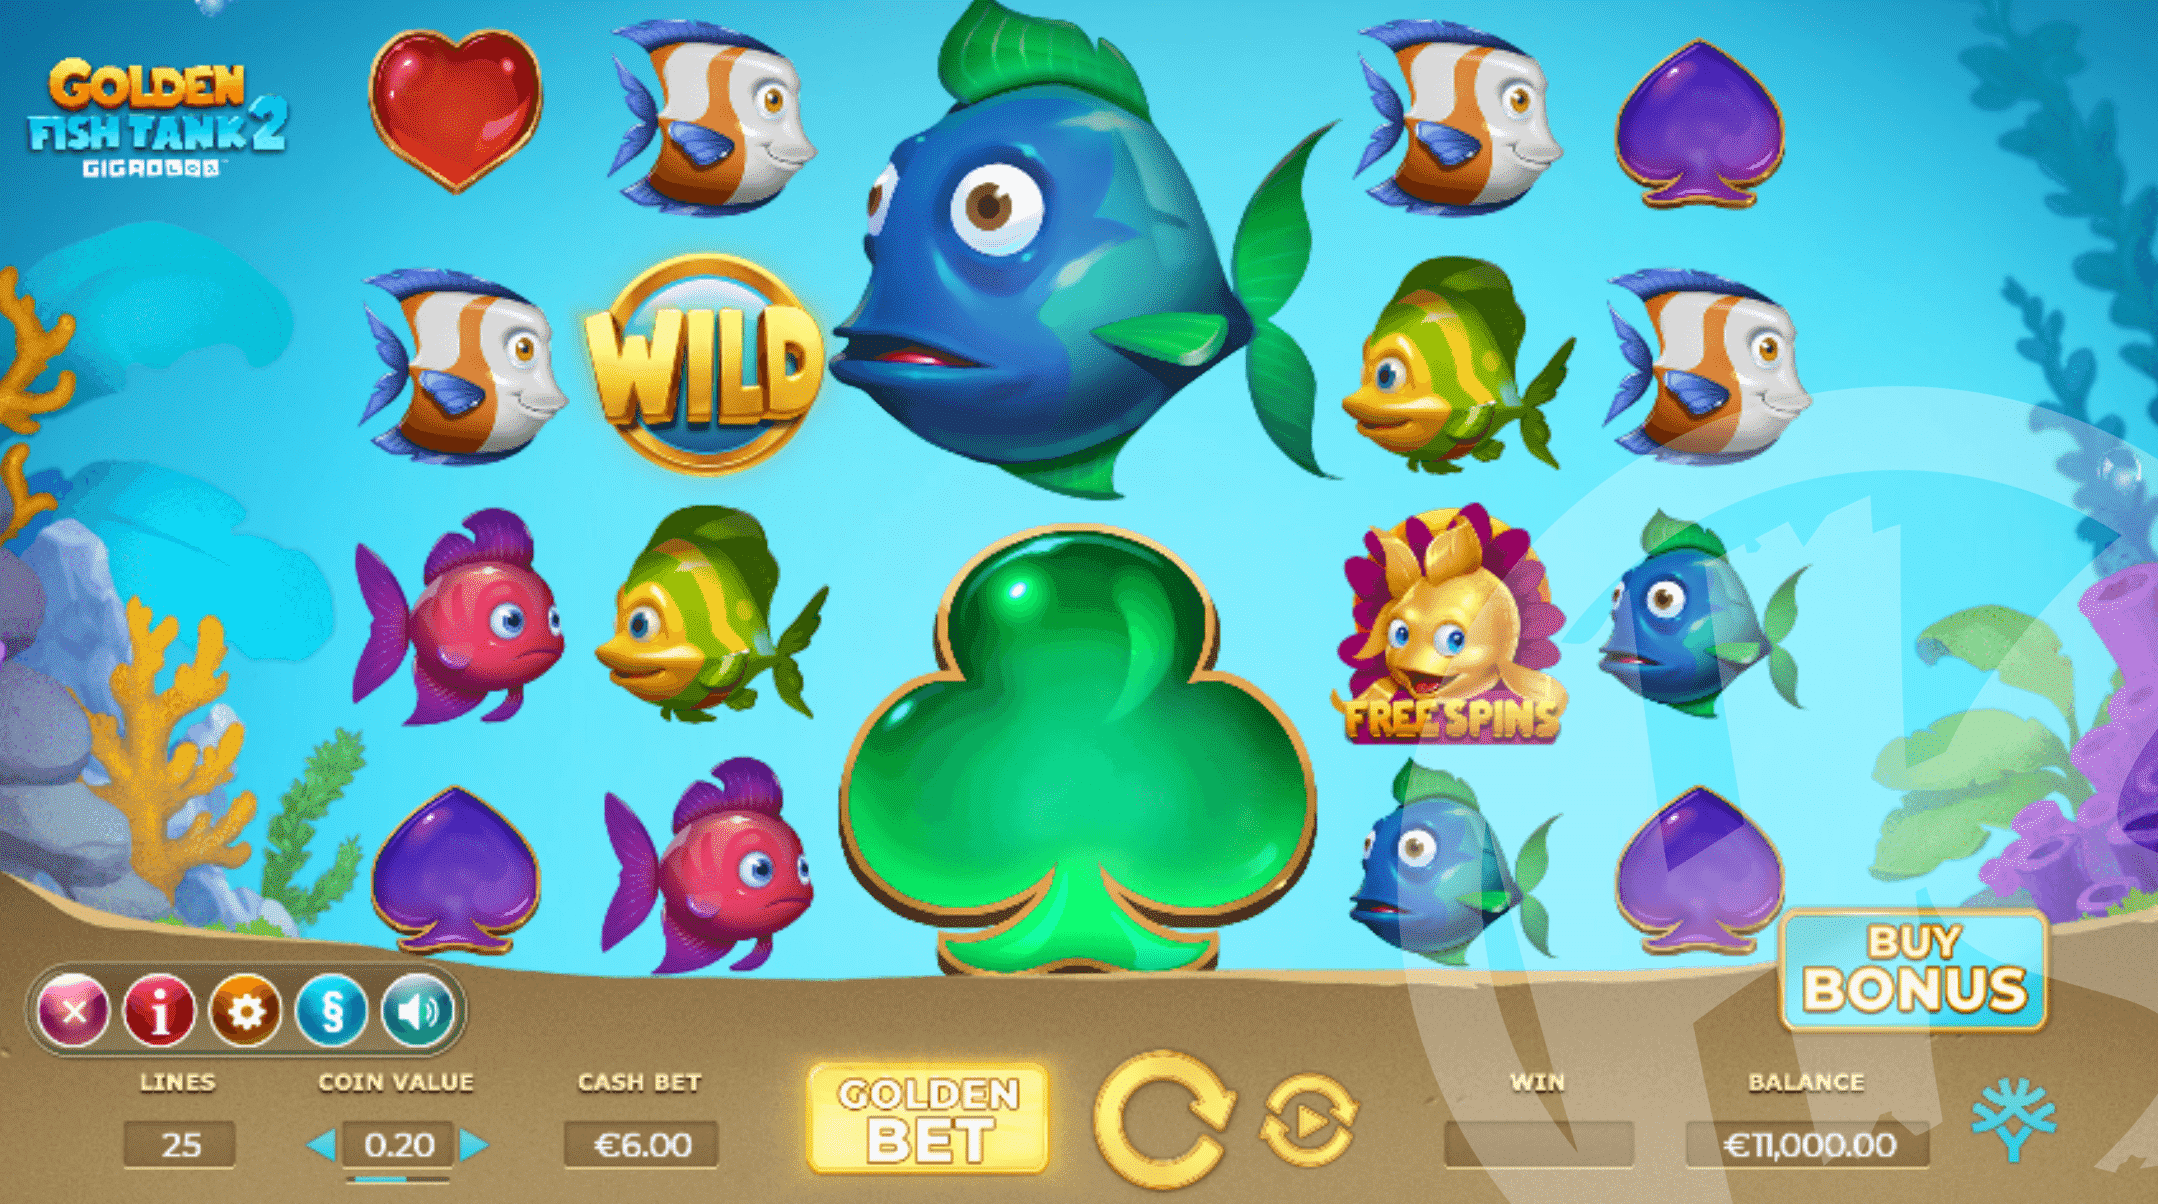 Golden Fish Tank 2 Gigablox Base Game